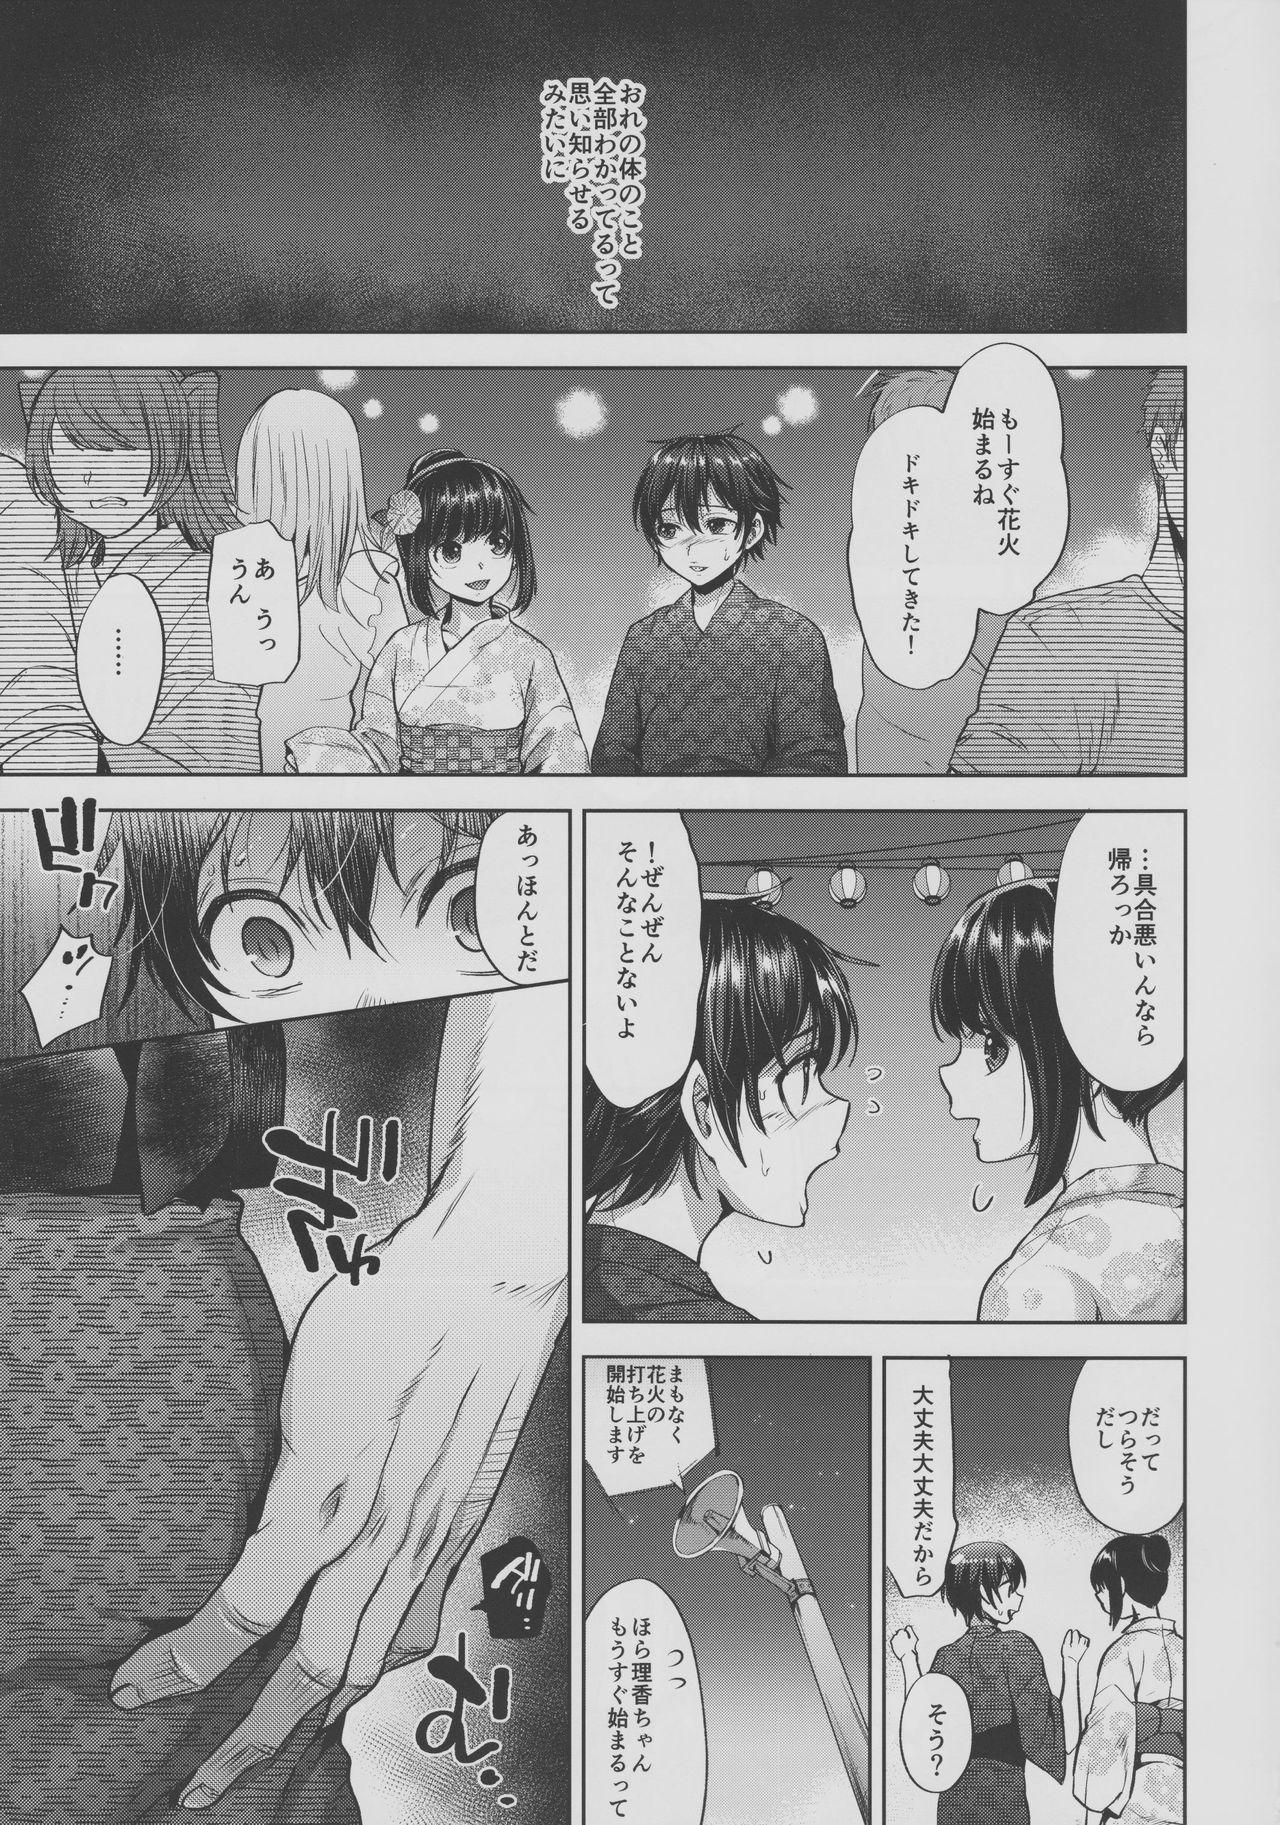 Hanabi no Yoru no Himitsu 13